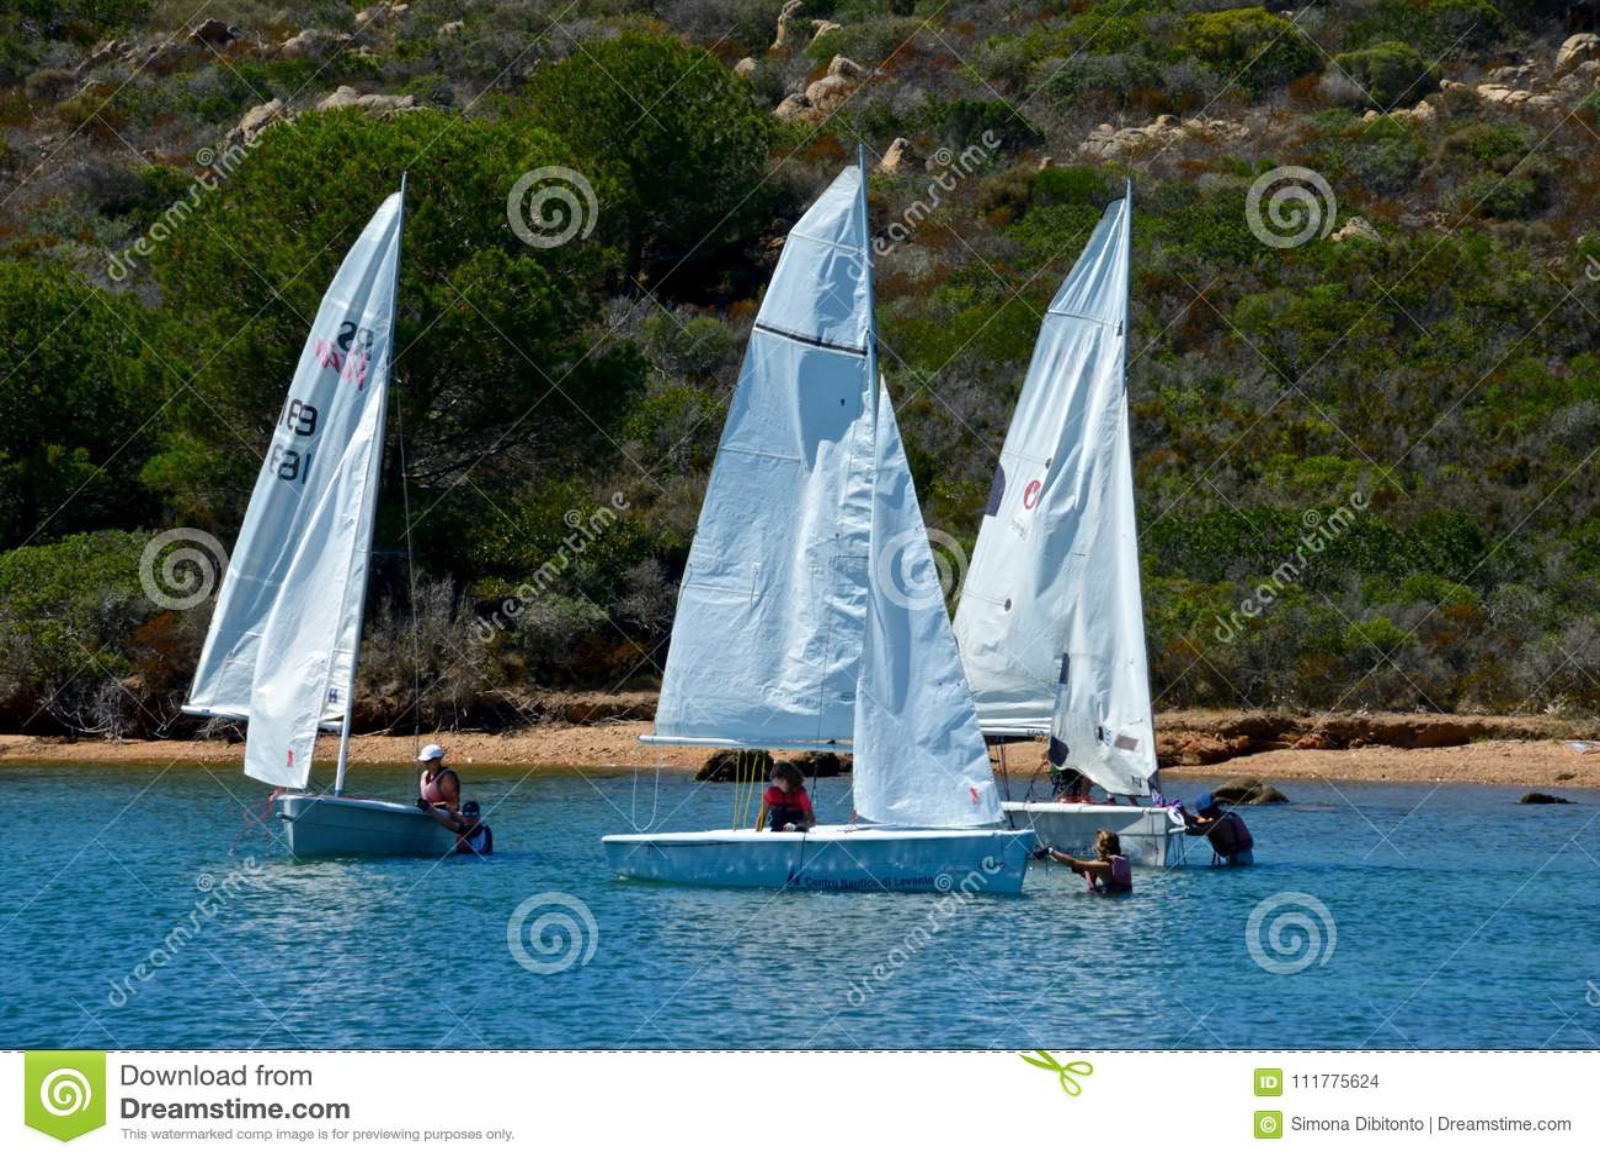 Vit seglar fartyg med folk som lär att segla i det blåa havet som av naturen omges